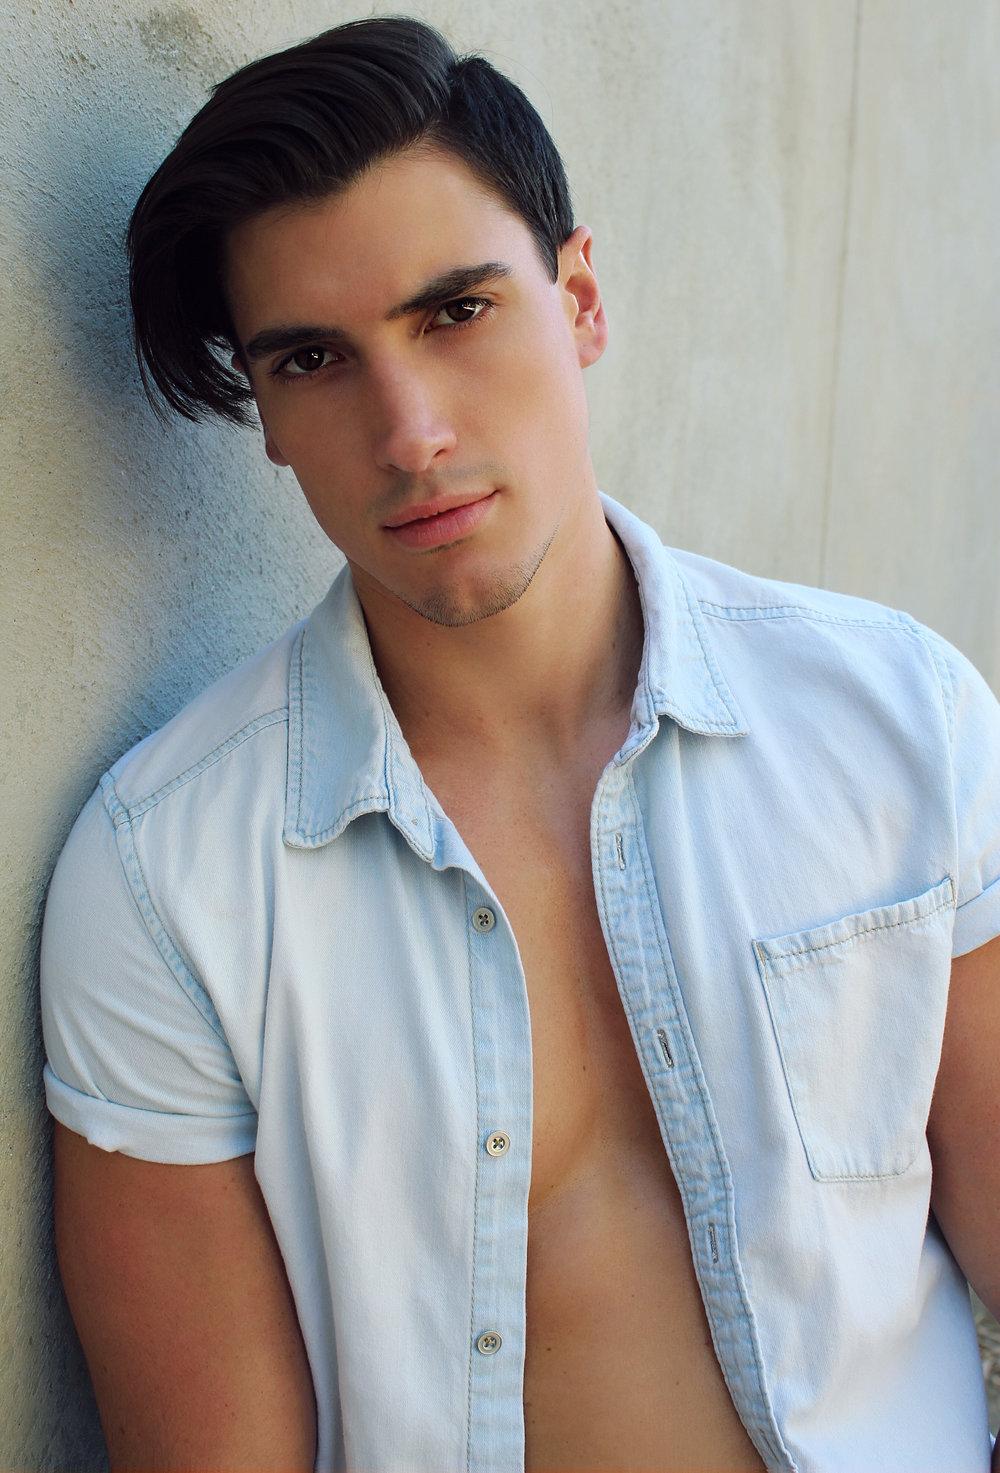 Zachary Kramer